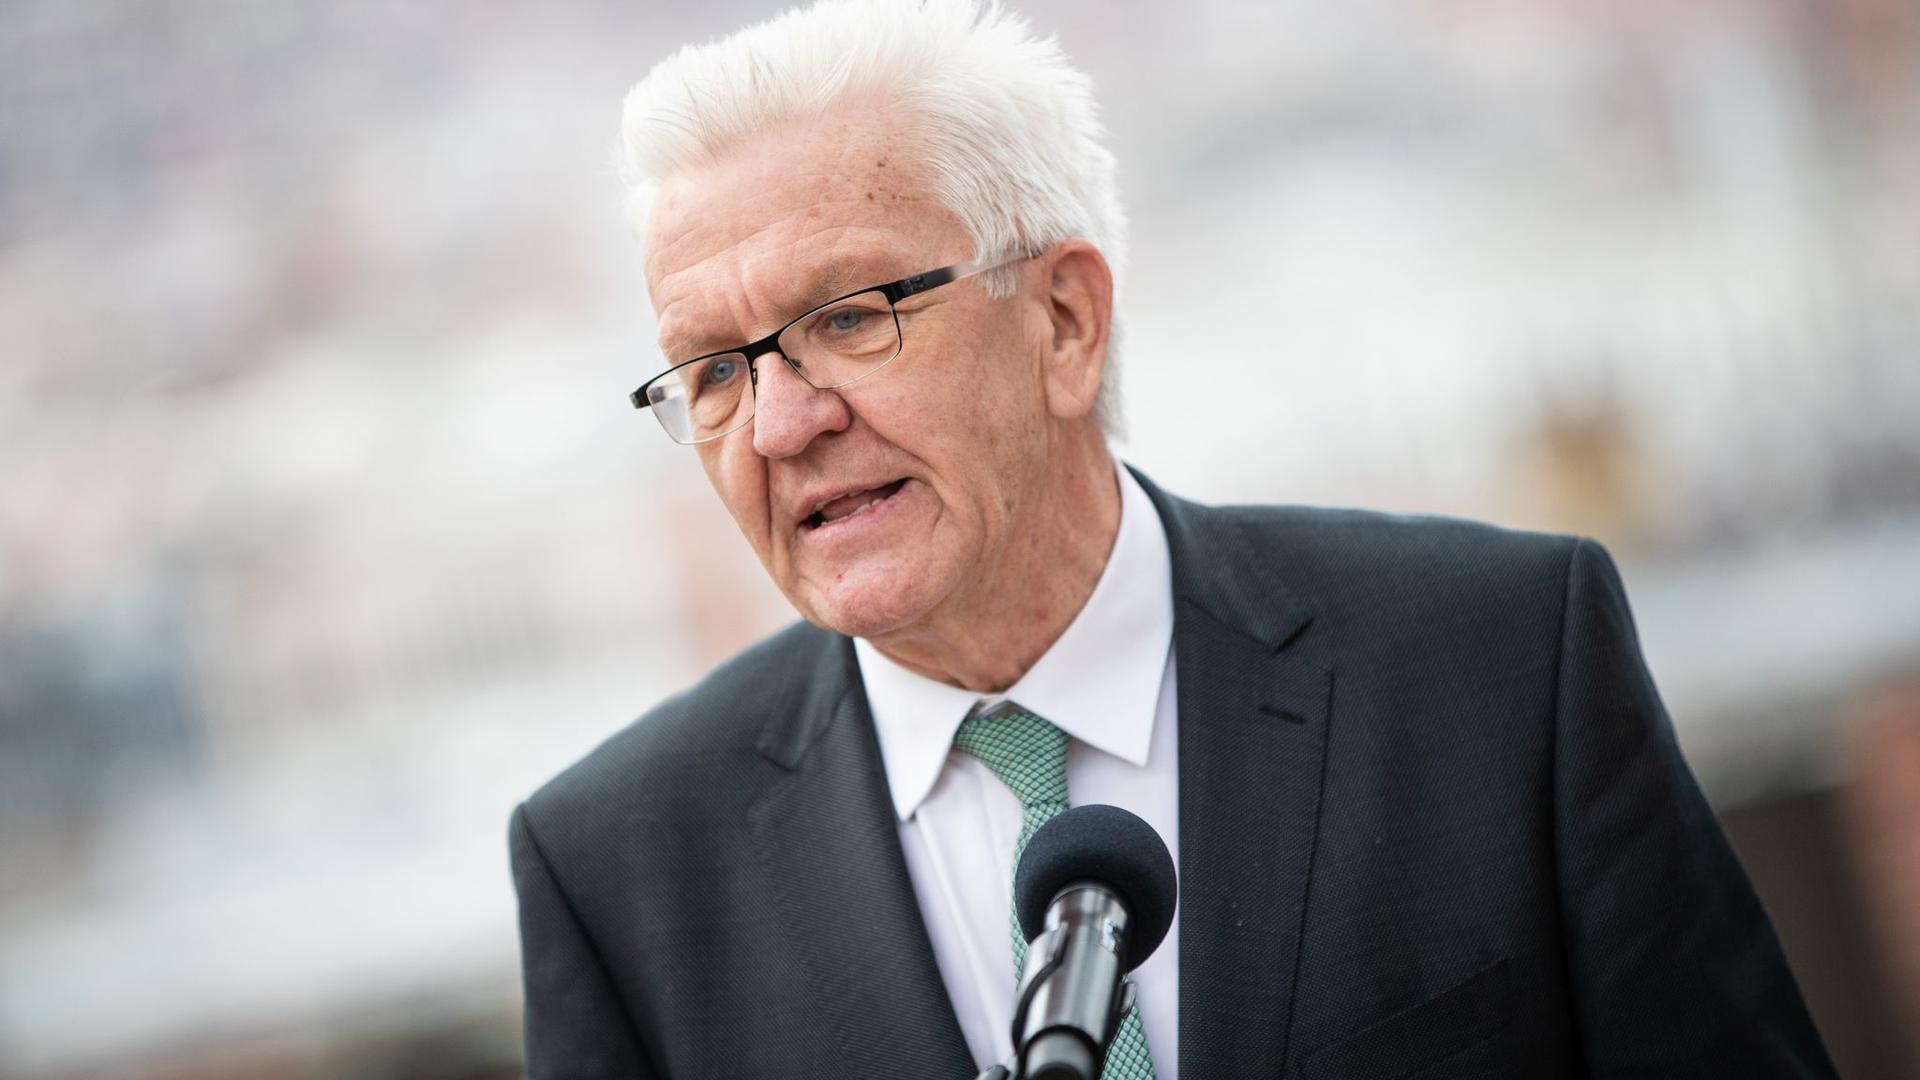 Winfried Kretschmann, Ministerpräsident von Baden-Württemberg, gibt ein Pressestatement.